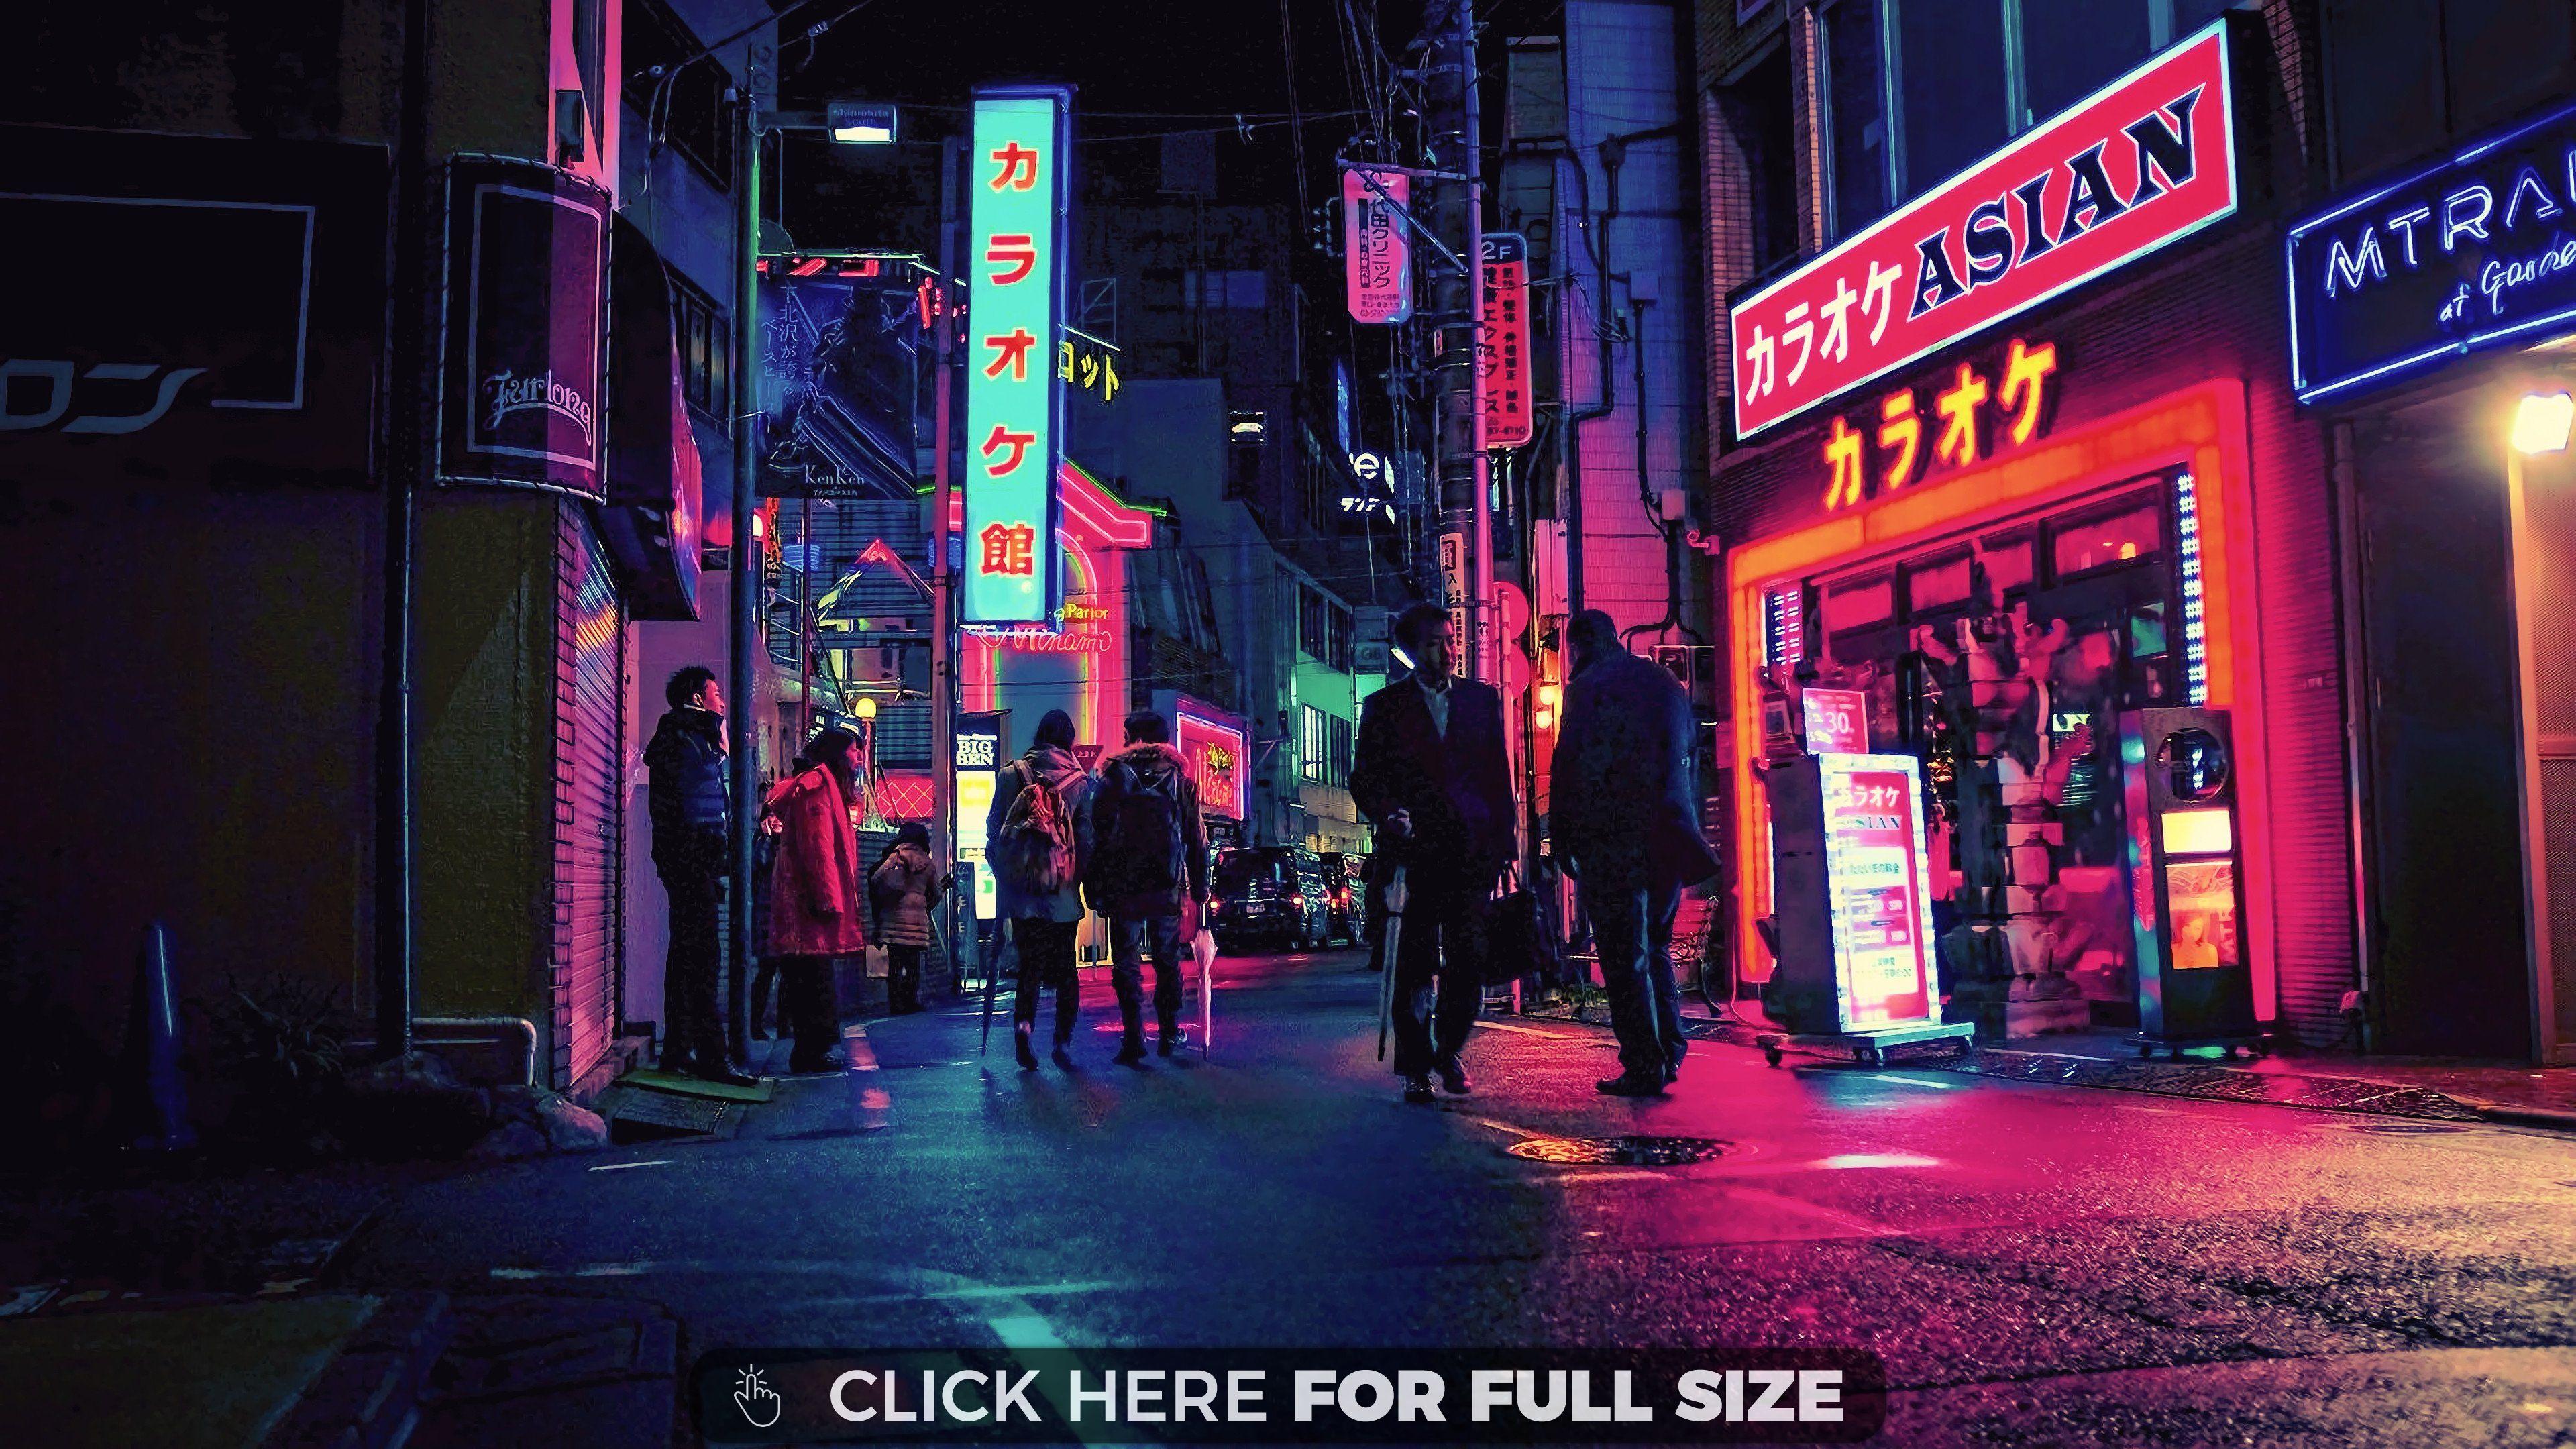 Neon Japan wallpaper con imgenes Fotografa nen Fotografia 3840x2160